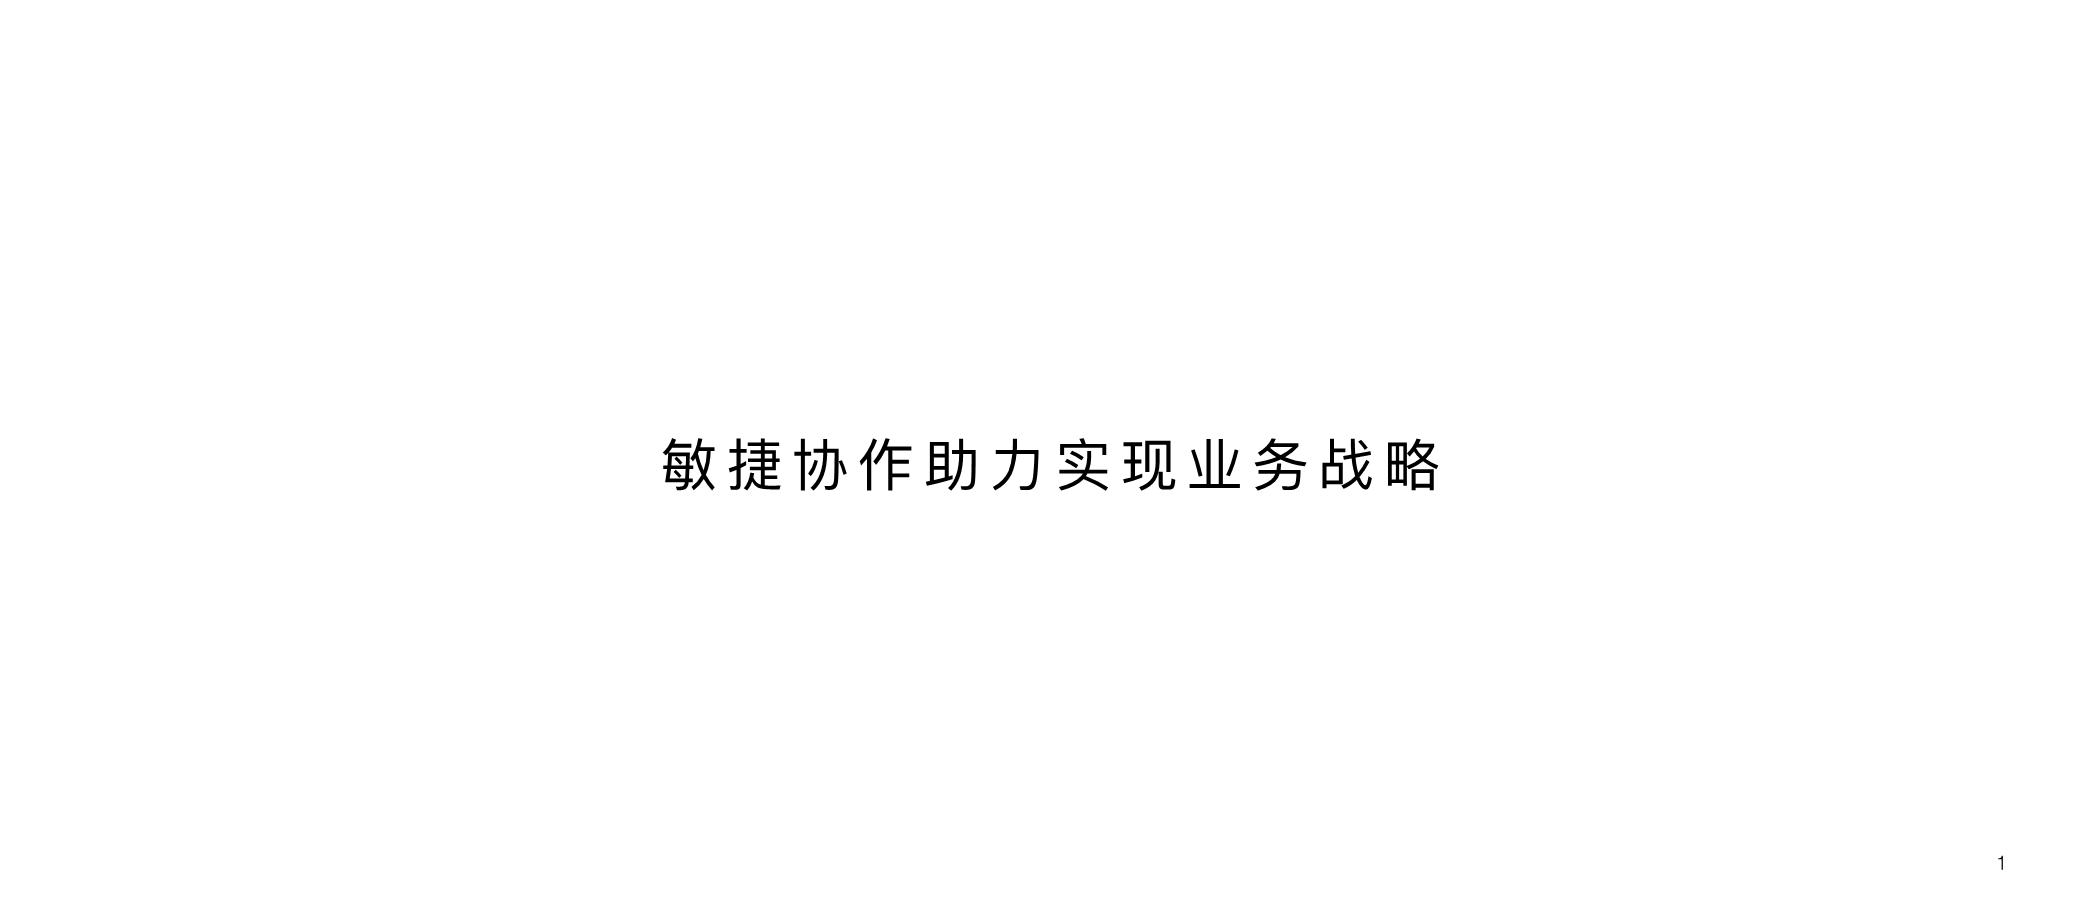 侯馨然-Teambition敏捷协作助力实现业务战略